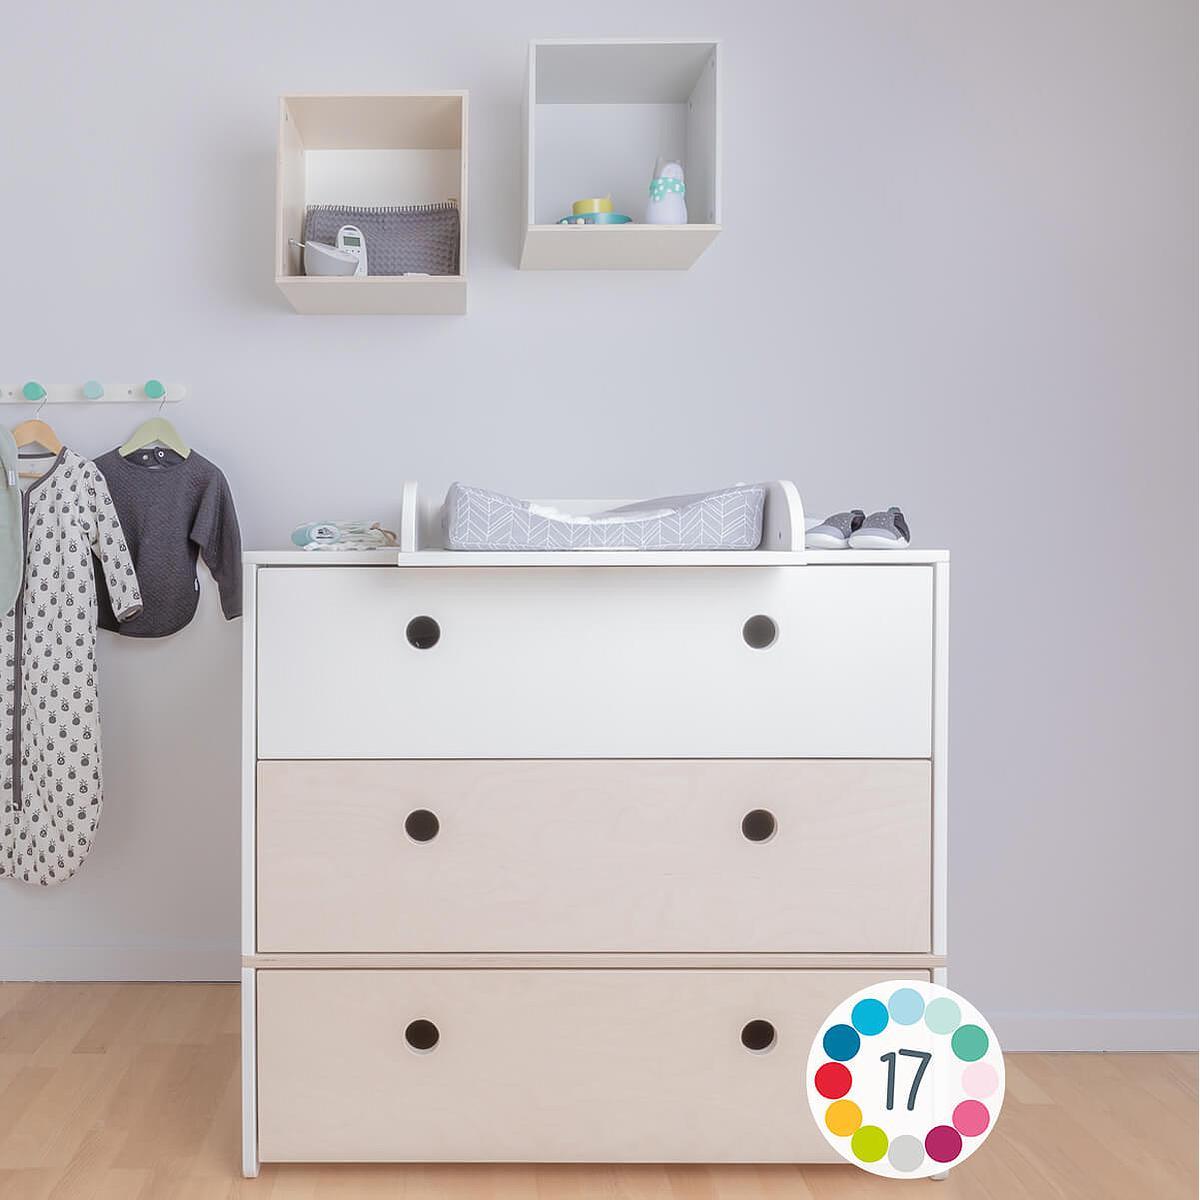 Kommode COLORFLEX Schubladen Farben mint-mint-white wash